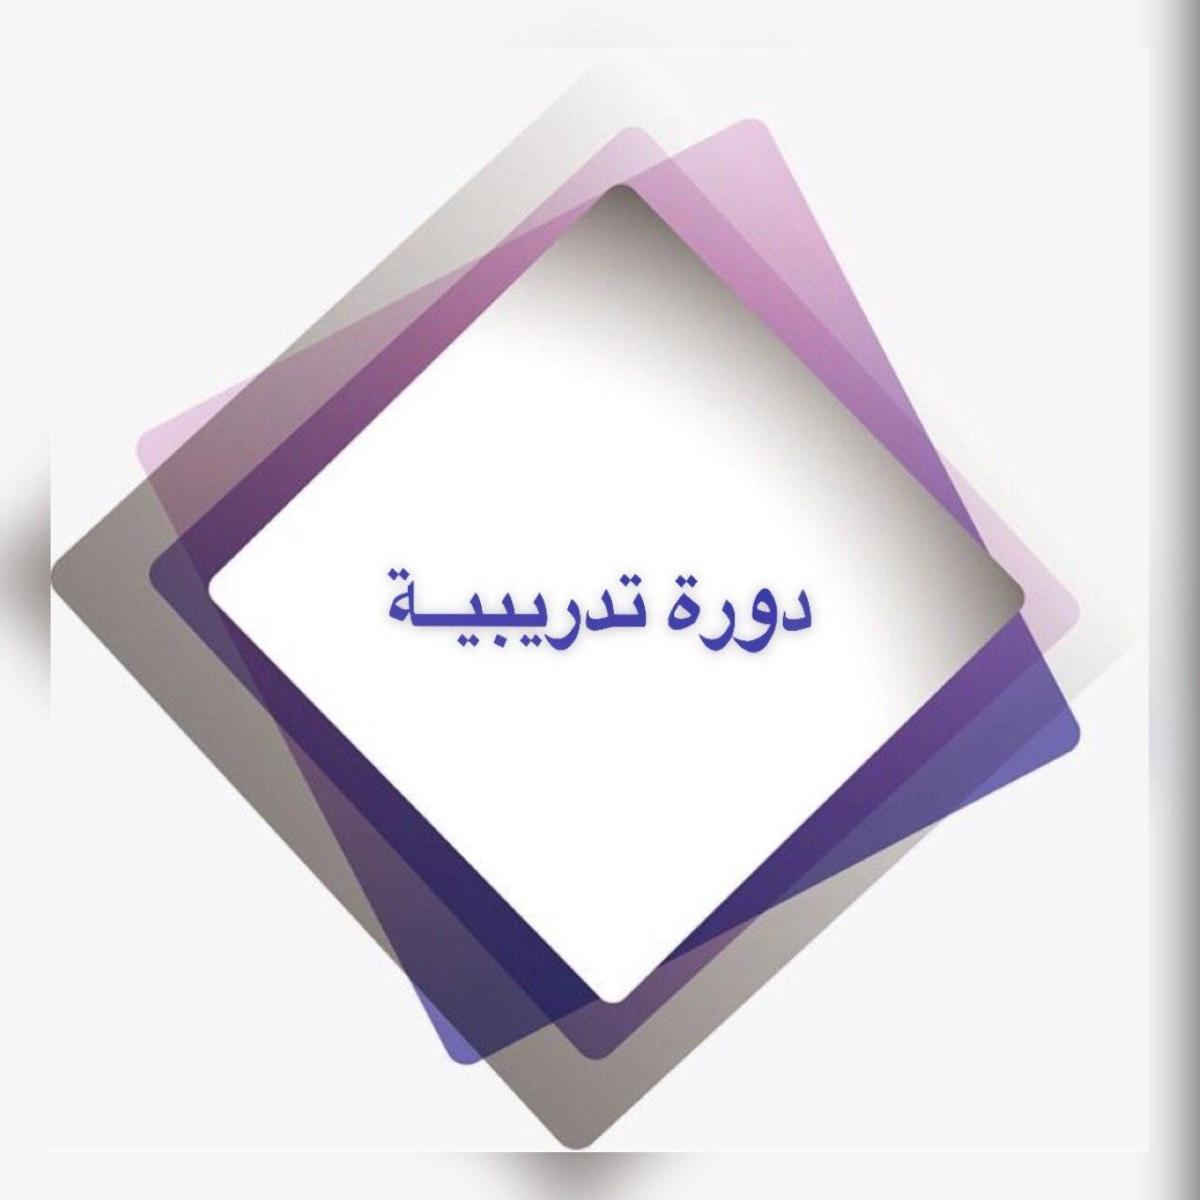 محاضرون من جامعة كربلاء يقيمون دورة تدريبية عن نظام إدارة الجودة ISO9001 2015 في تحسين أداء المنظمات